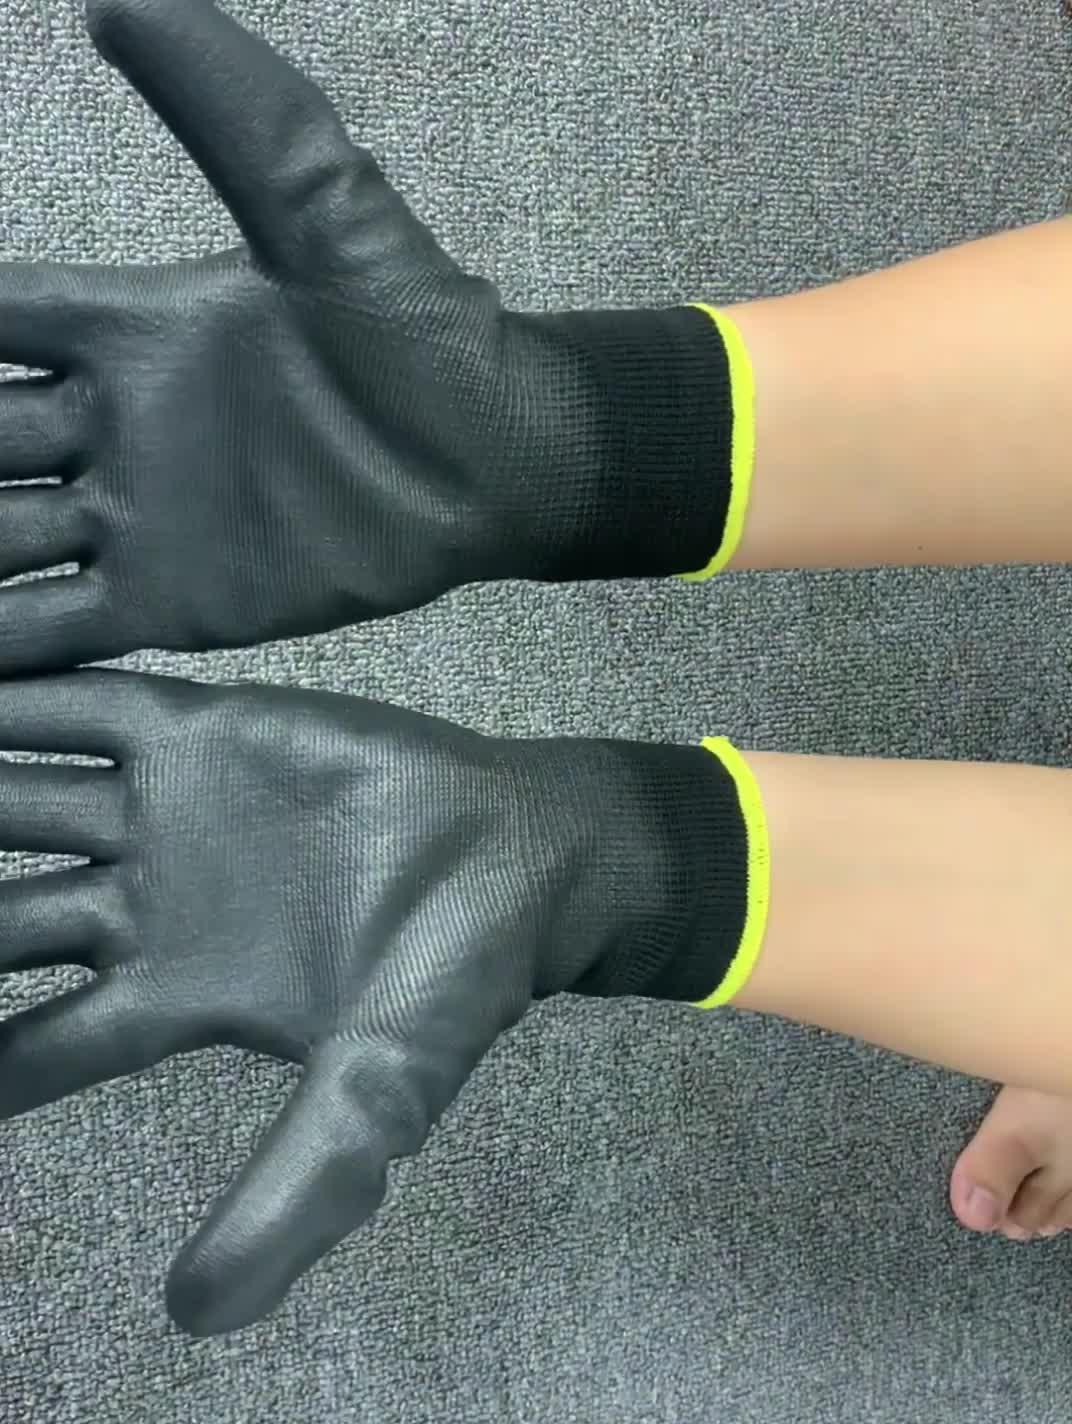 Hoge Prestaties Niveau 5 Bescherming Snijbestendige Handschoenen